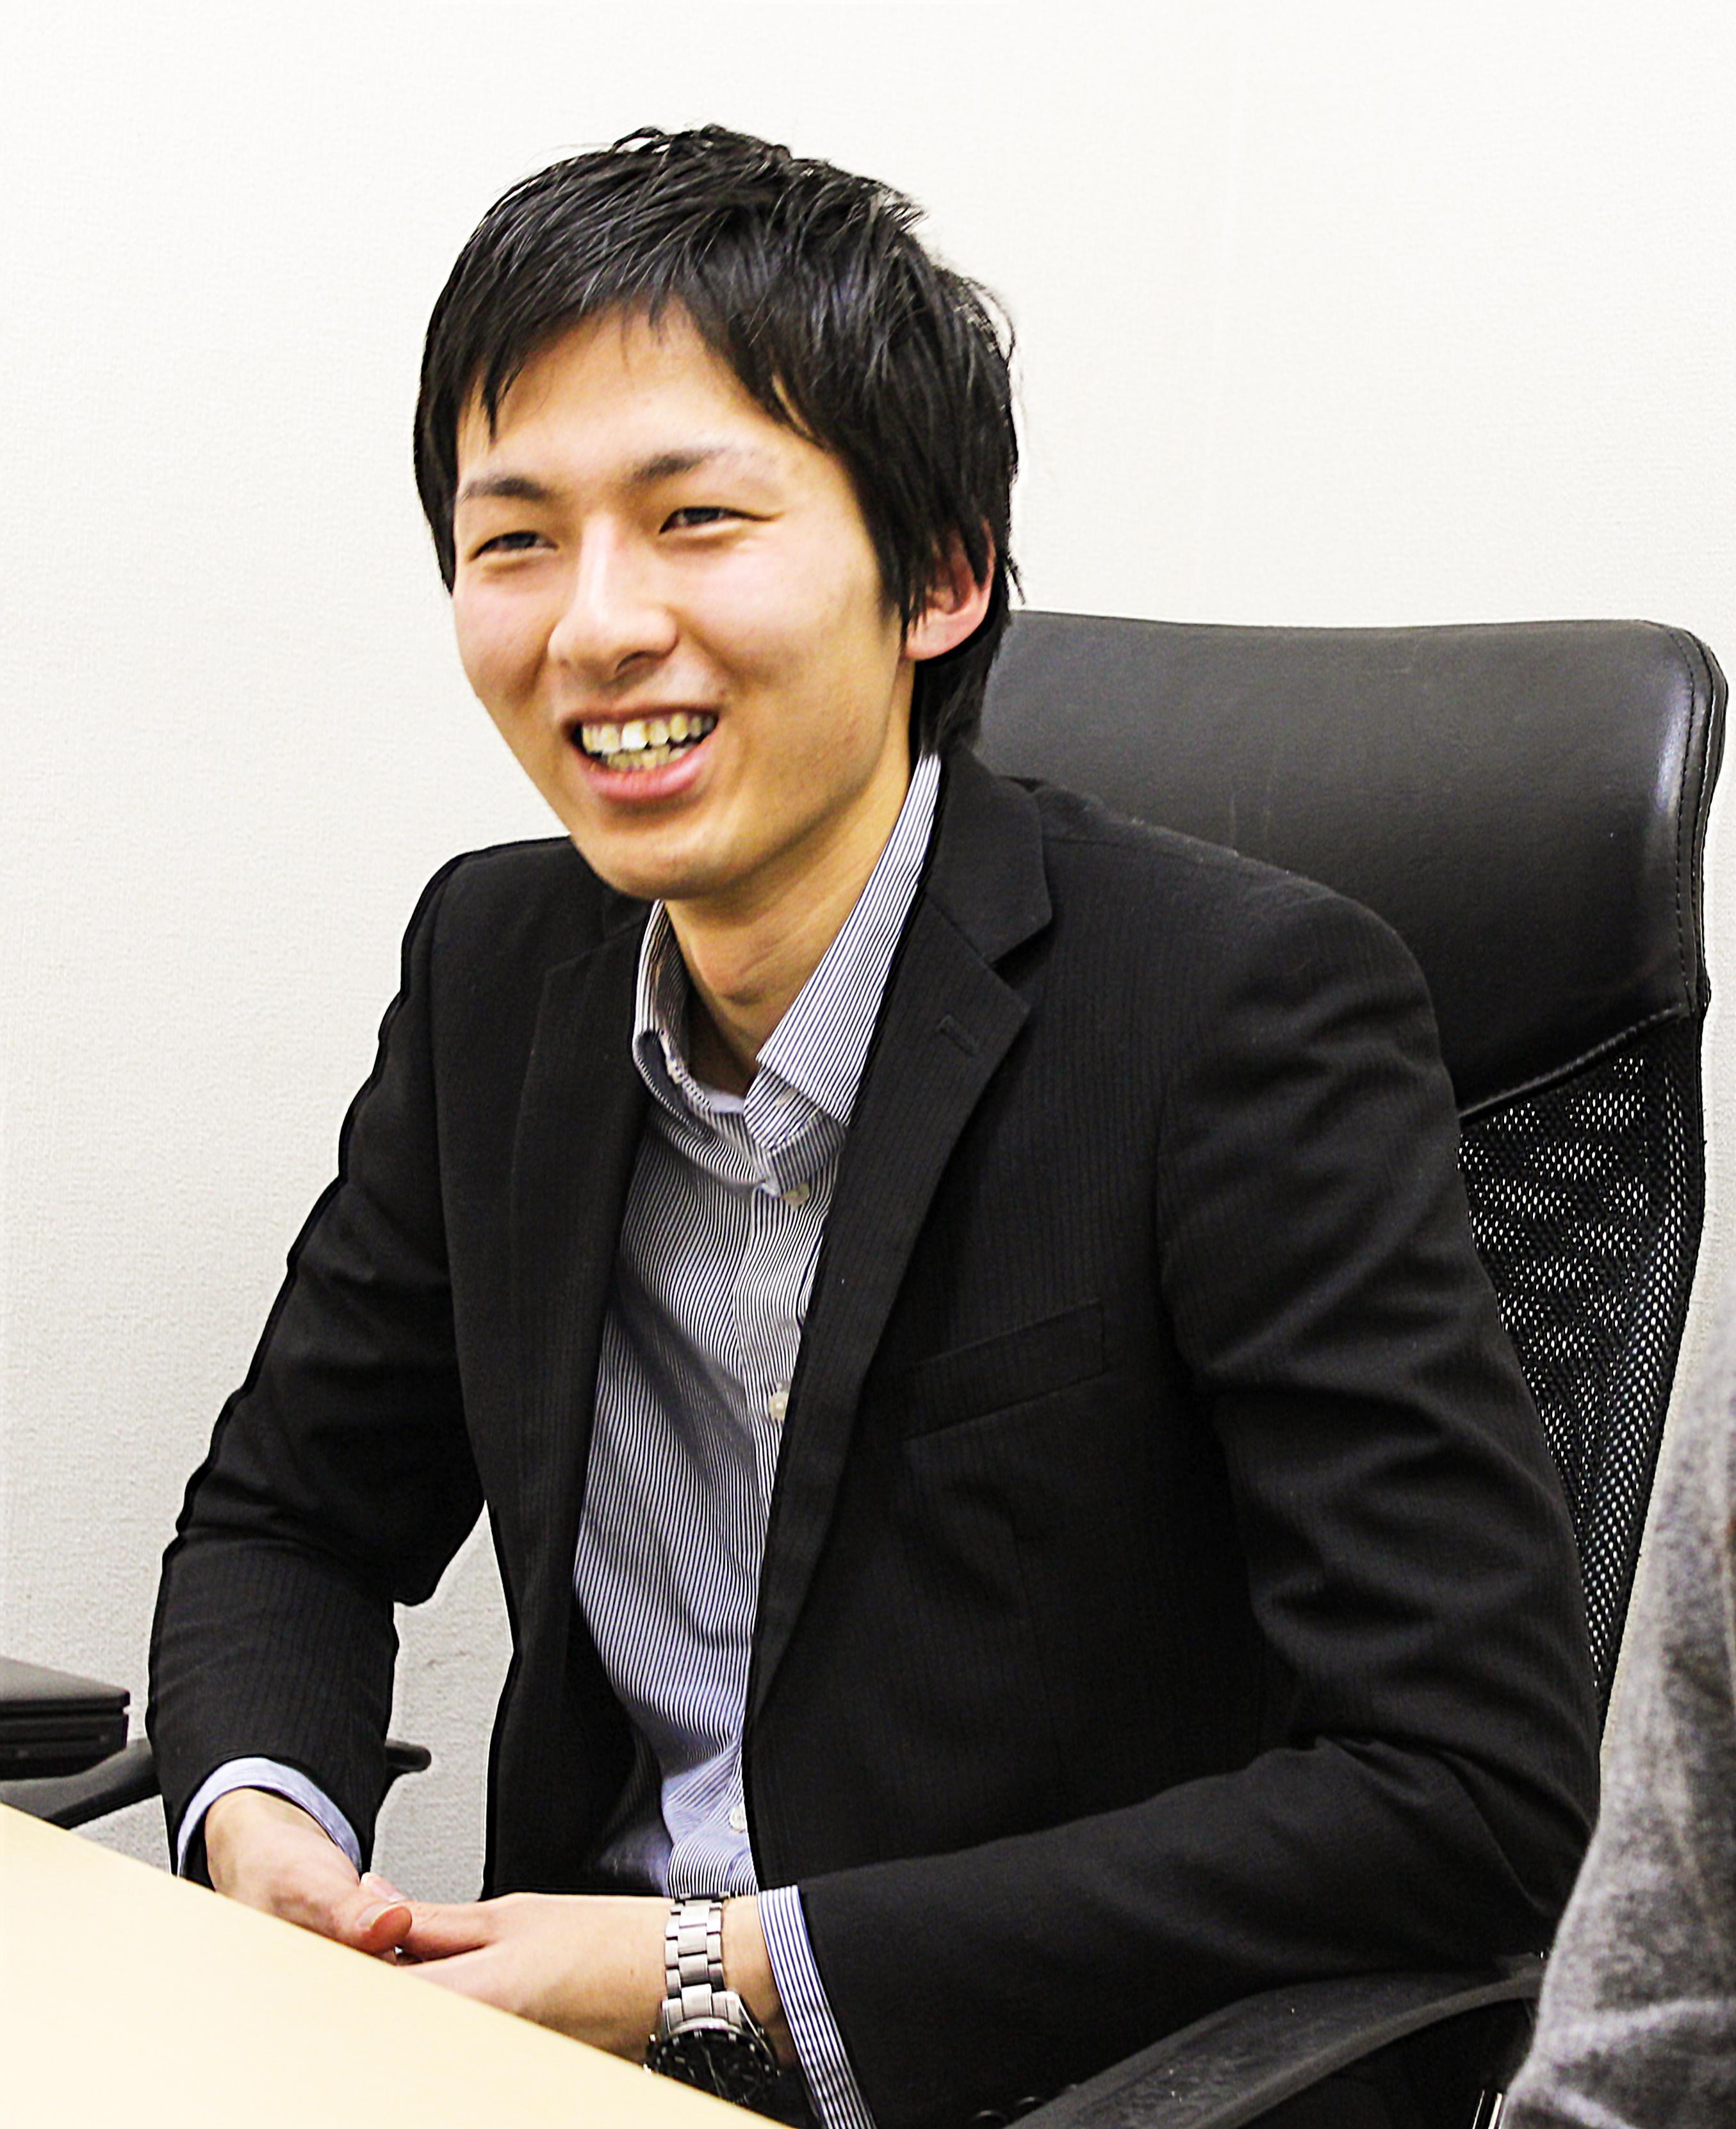 kawagoe_5829_2k